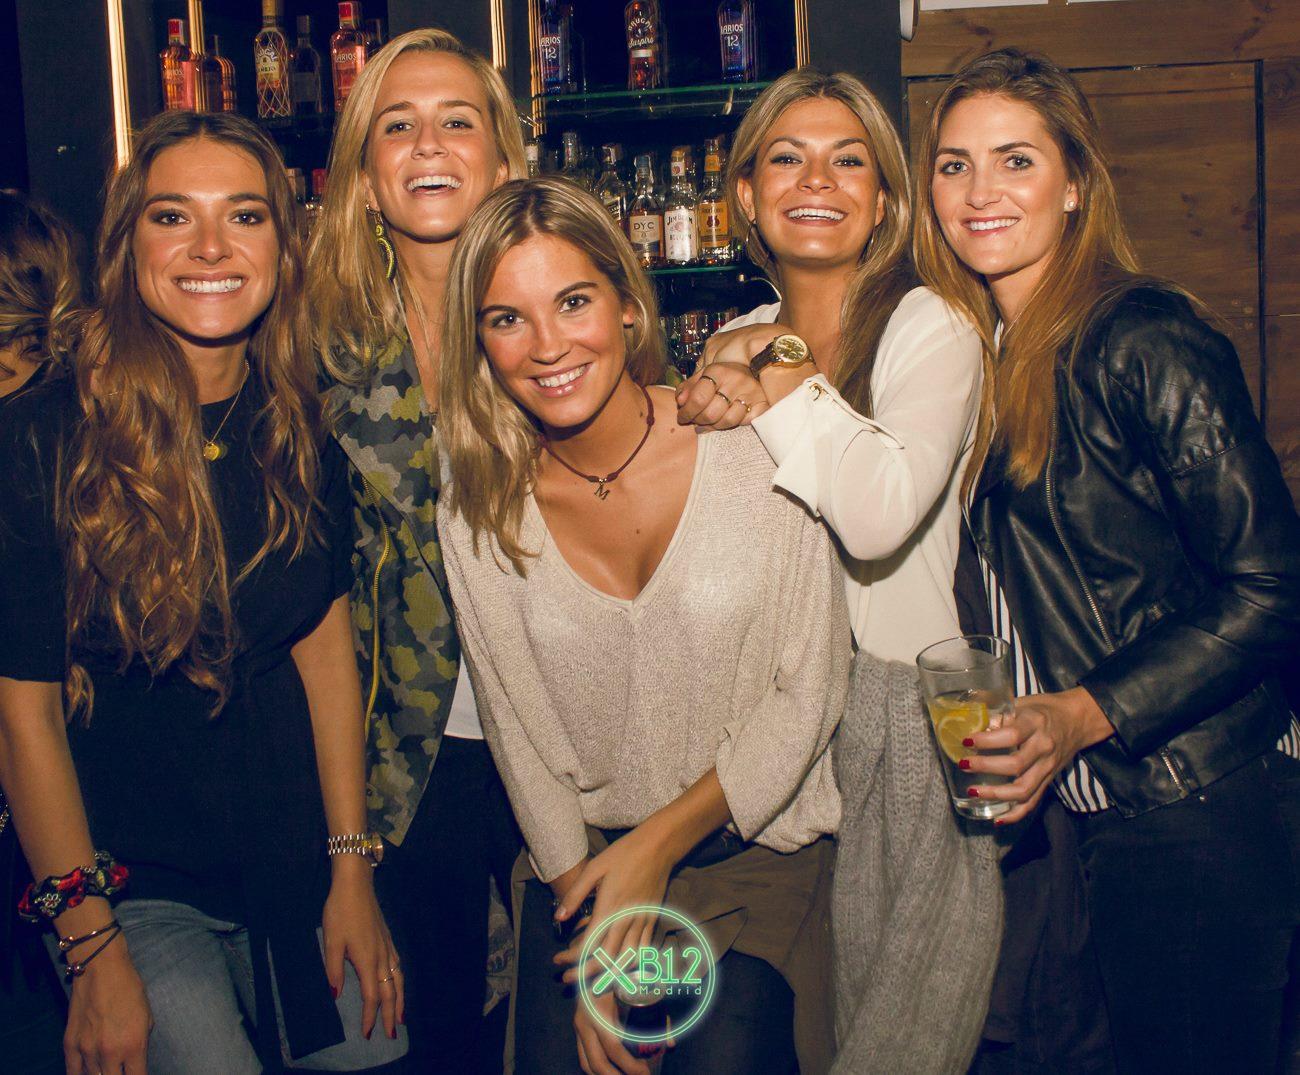 B12-Madrid-fiesta-Brugal-036.jpg